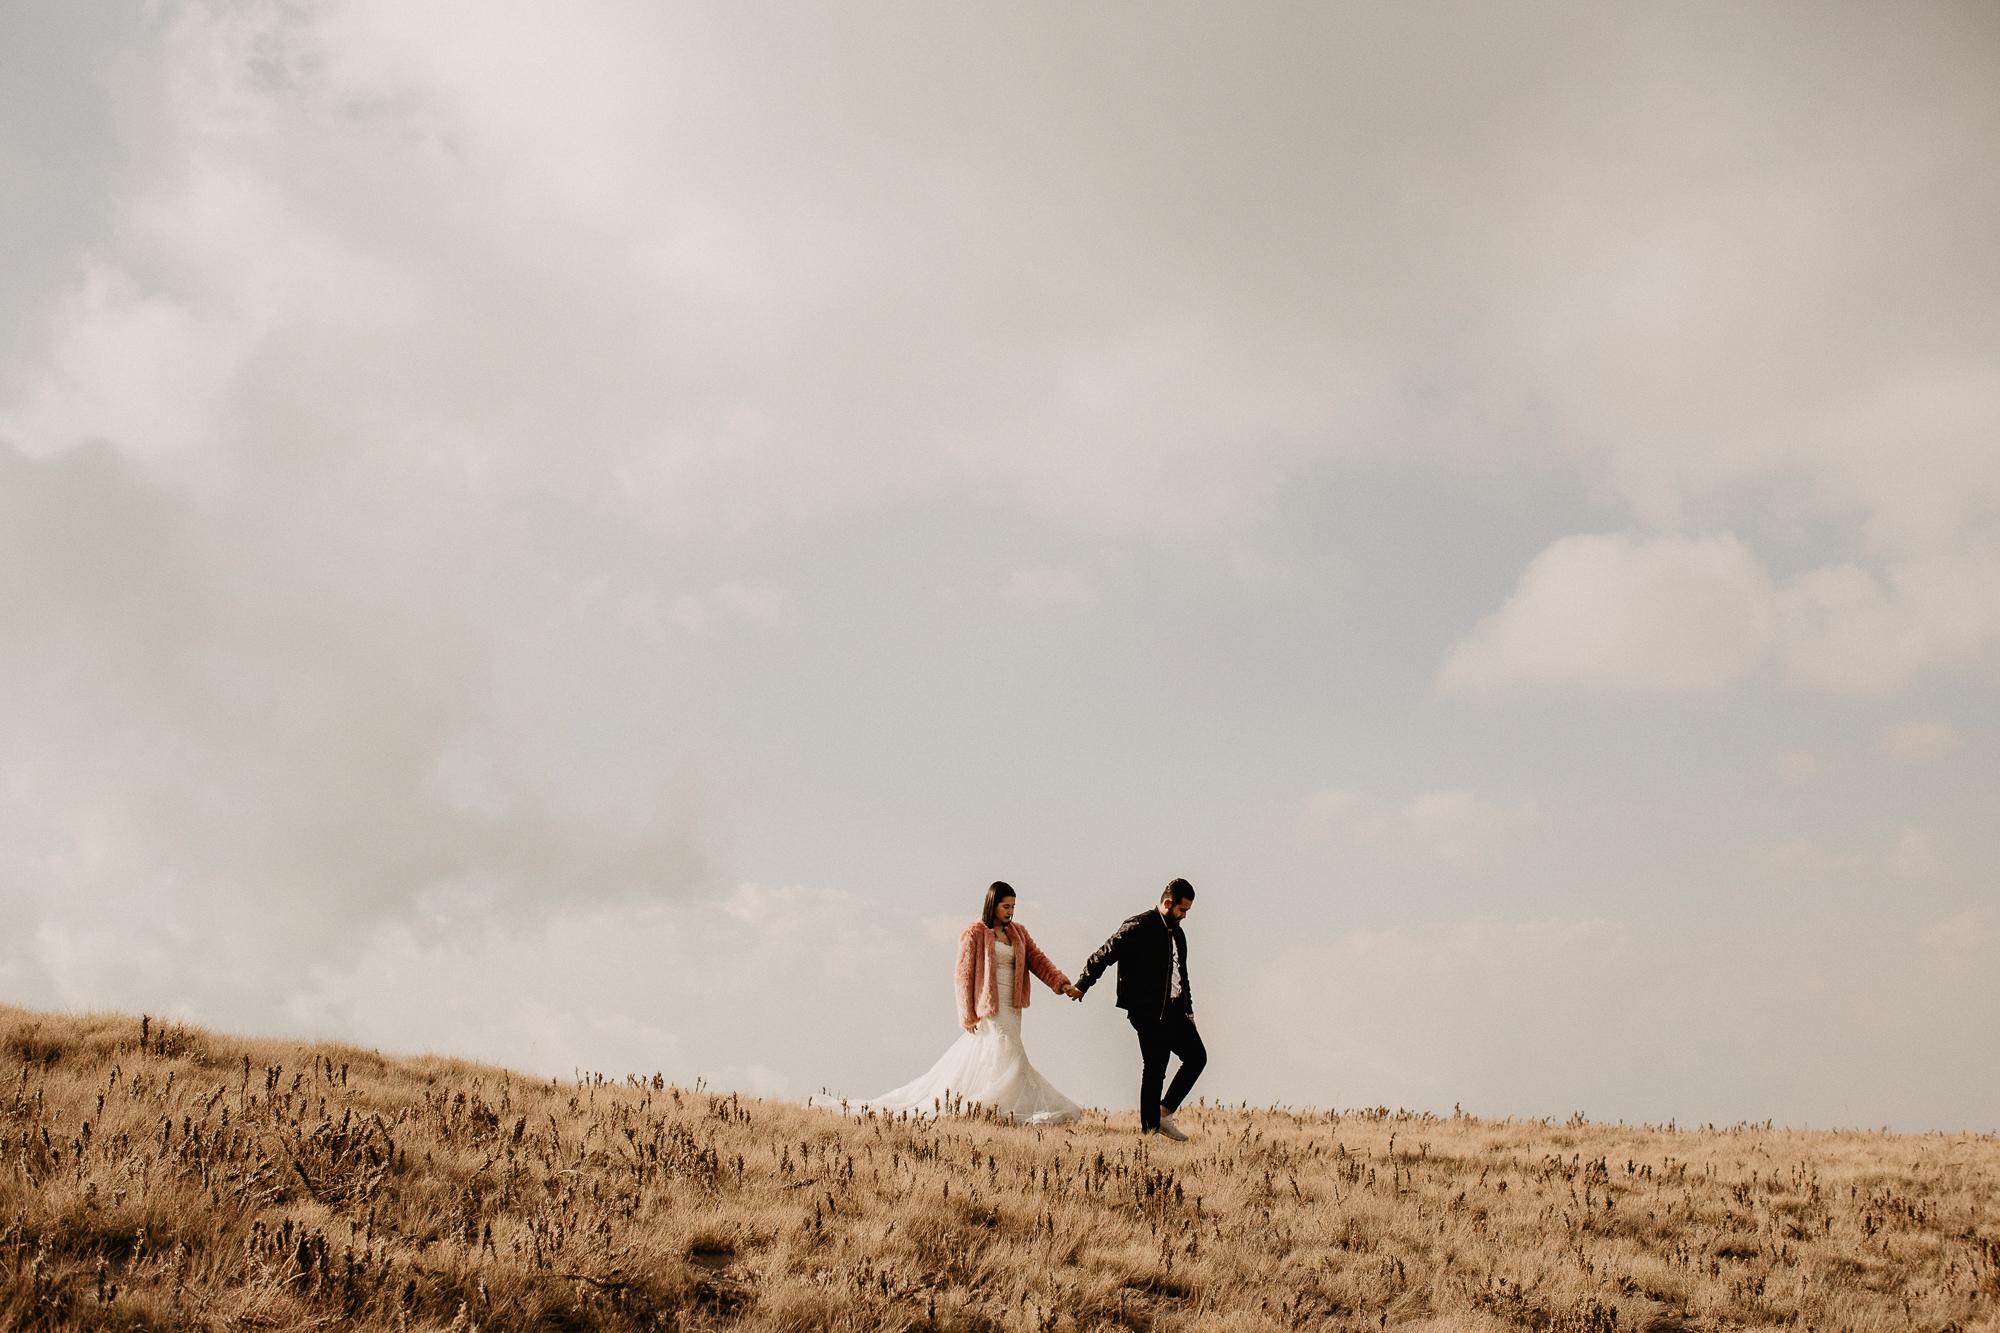 alfonso-flores-fotografo-de-bodas-nevado-de-toluca-sesion-de-pareja53.jpg